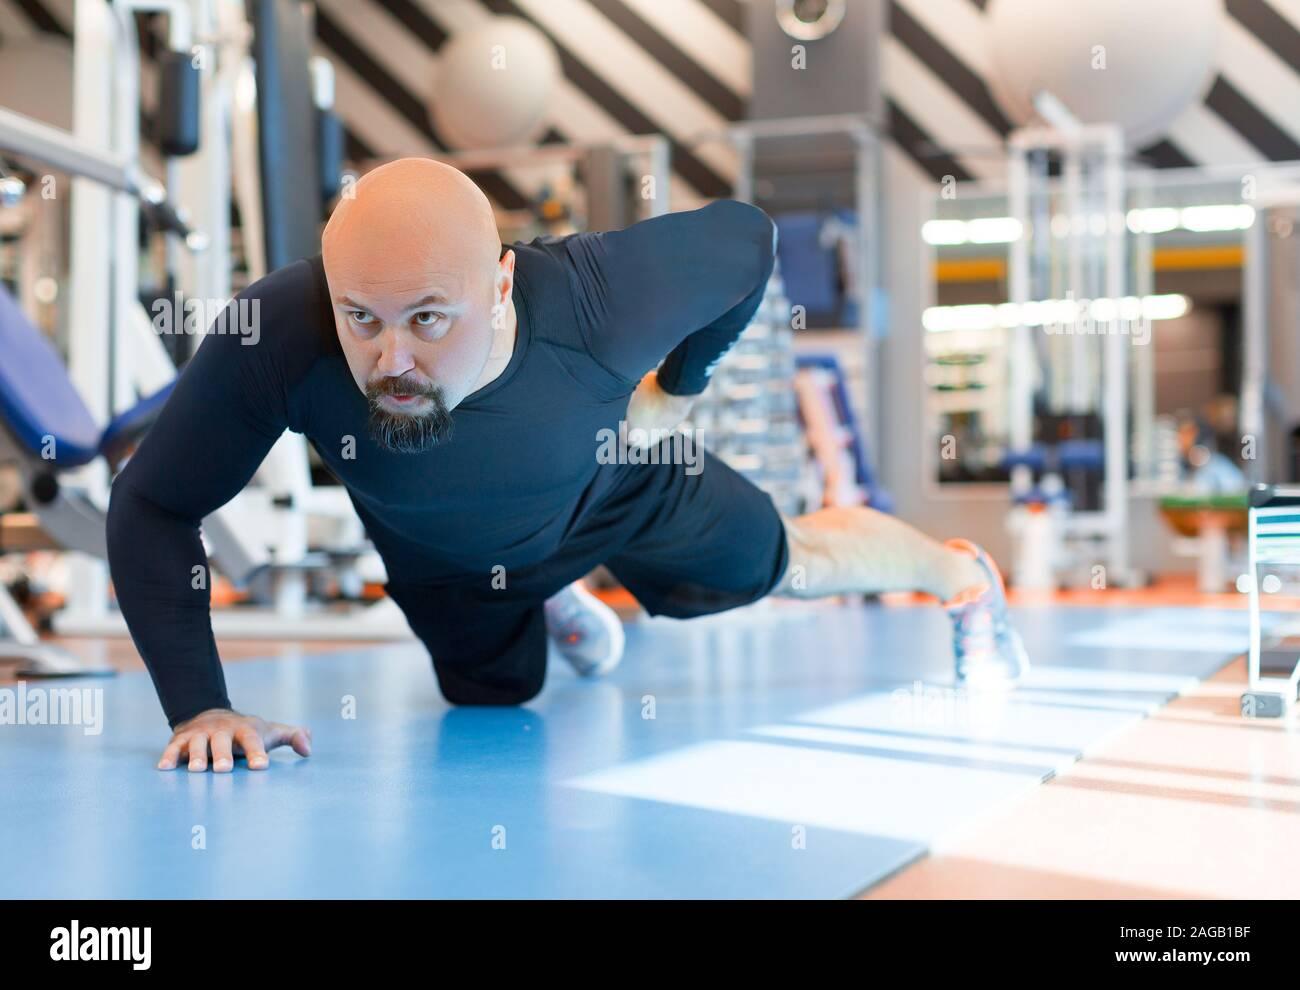 Hombre Barbado brutal haciendo flexiones con una mano de ejercicio en el gimnasio. Cierre vertical. Healty concepto de estilo de vida Foto de stock